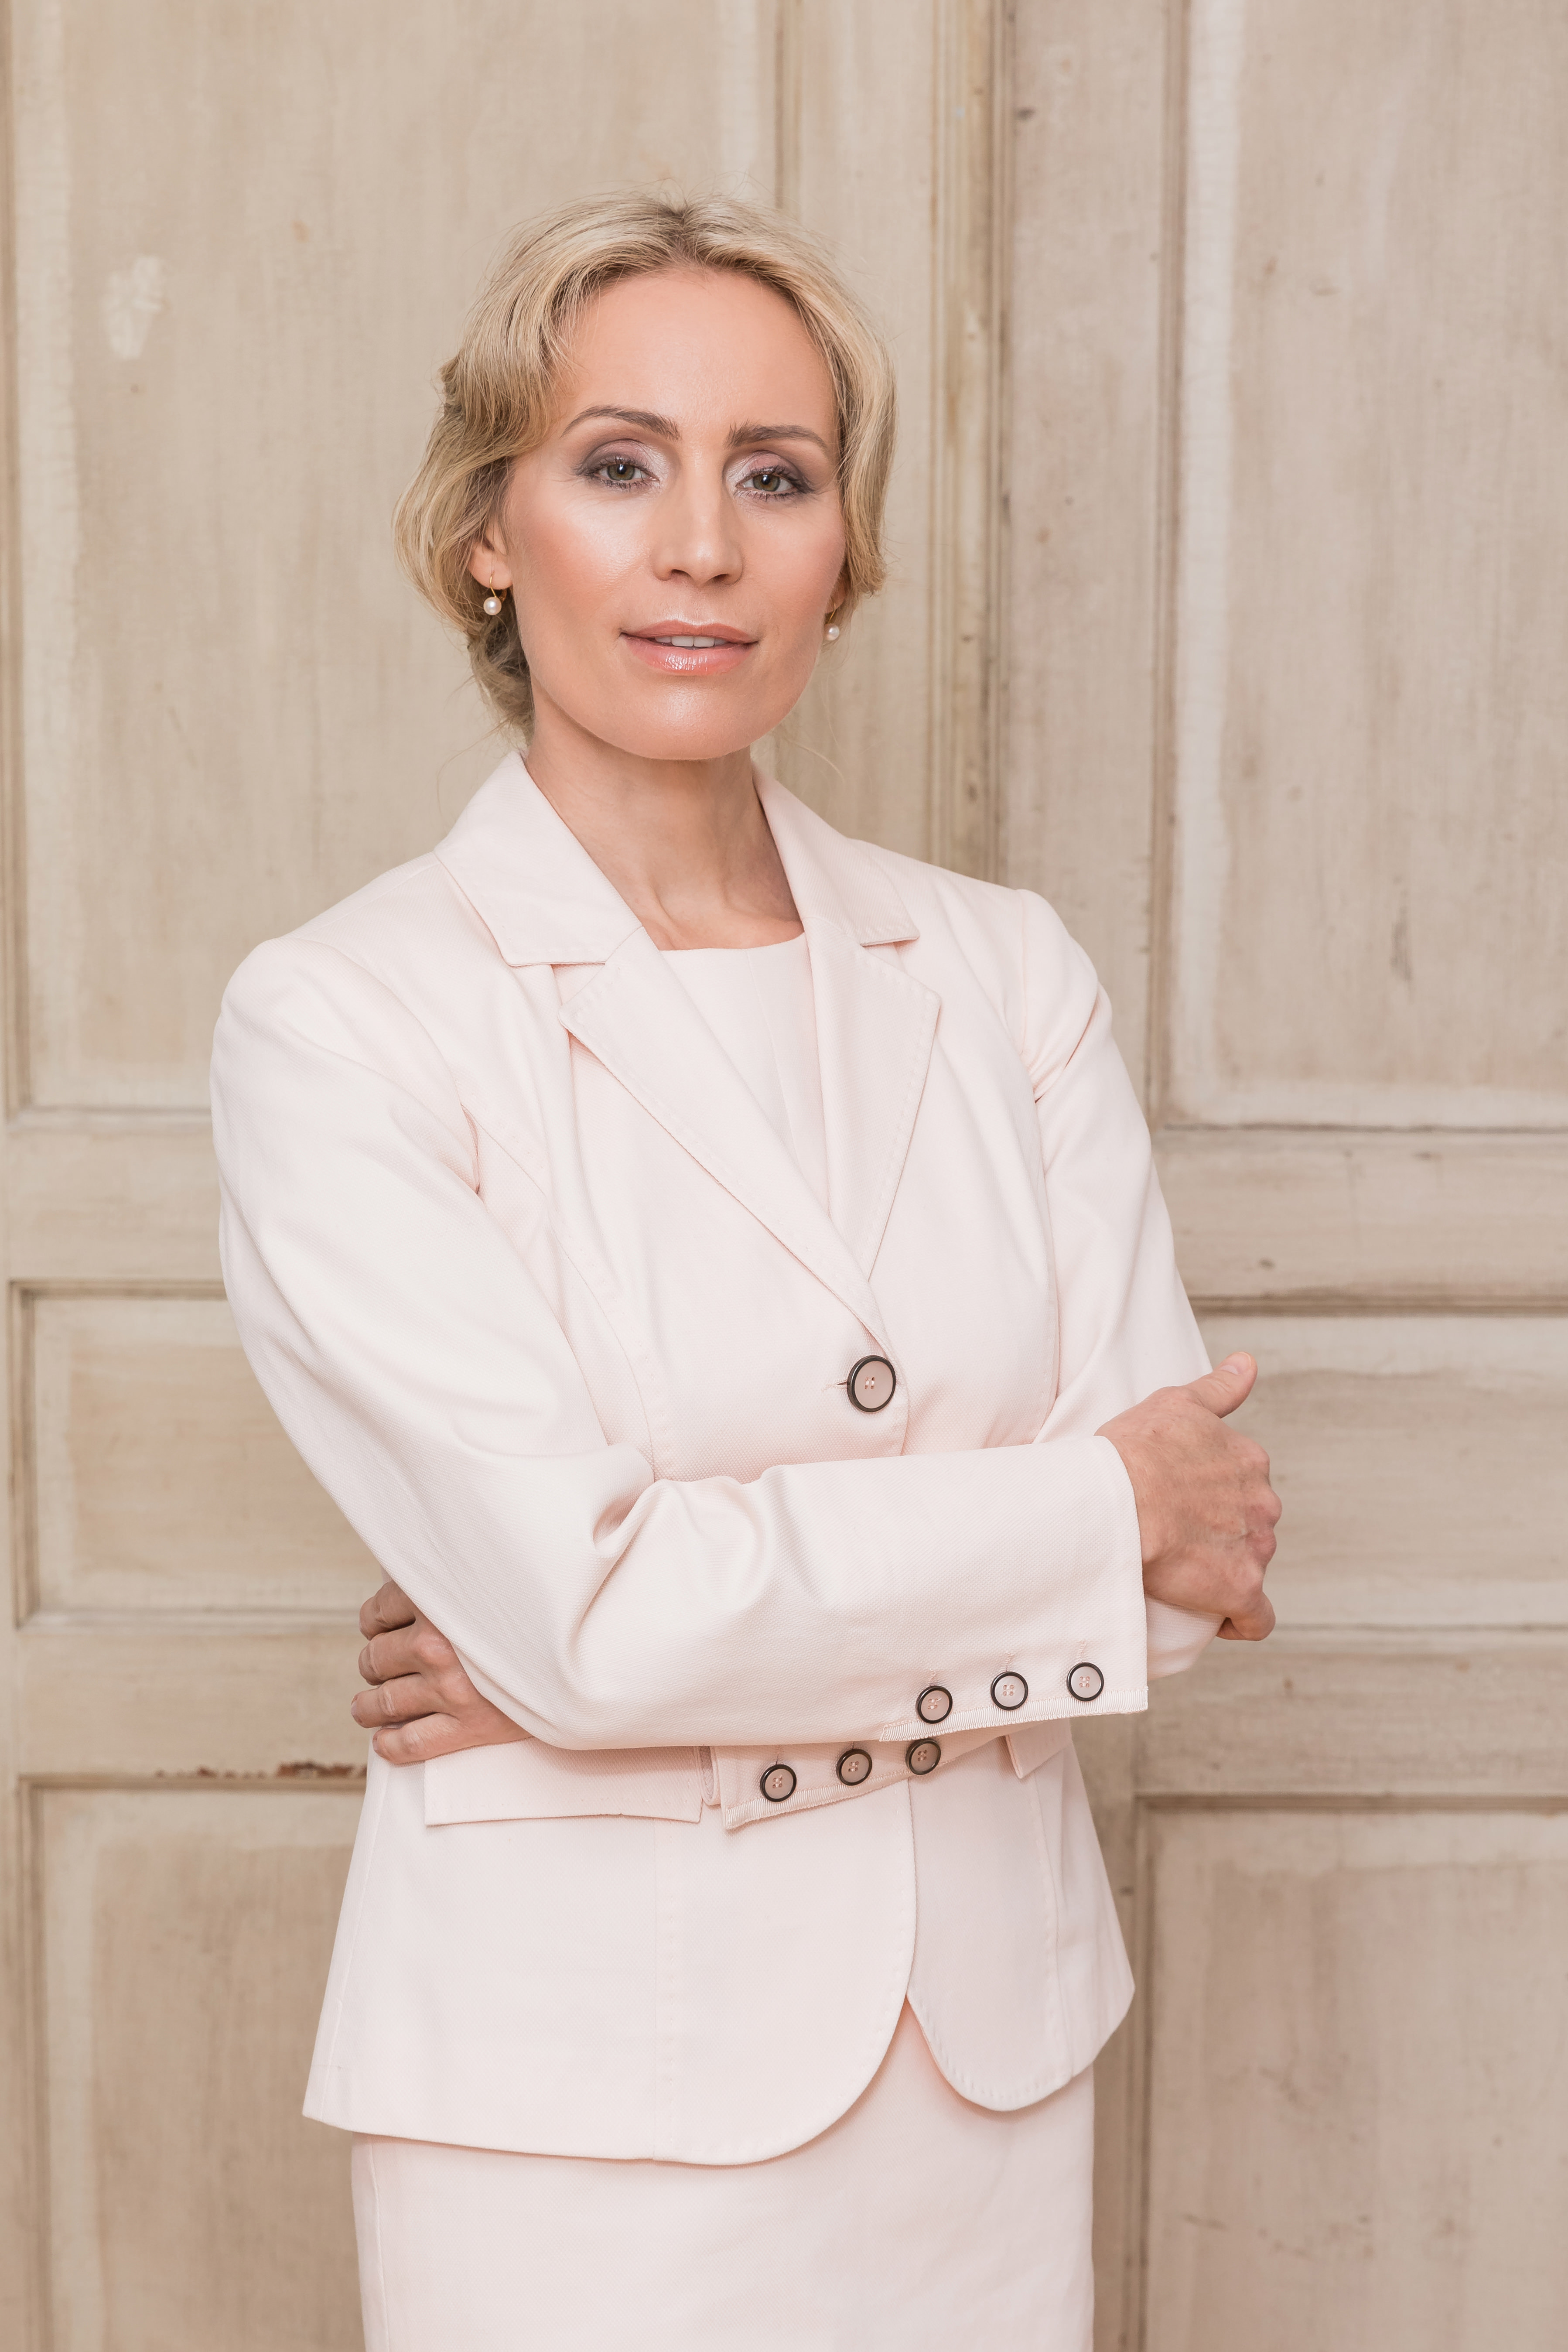 Olga Beckmann Ärztin integrative Medizin Braunschweig